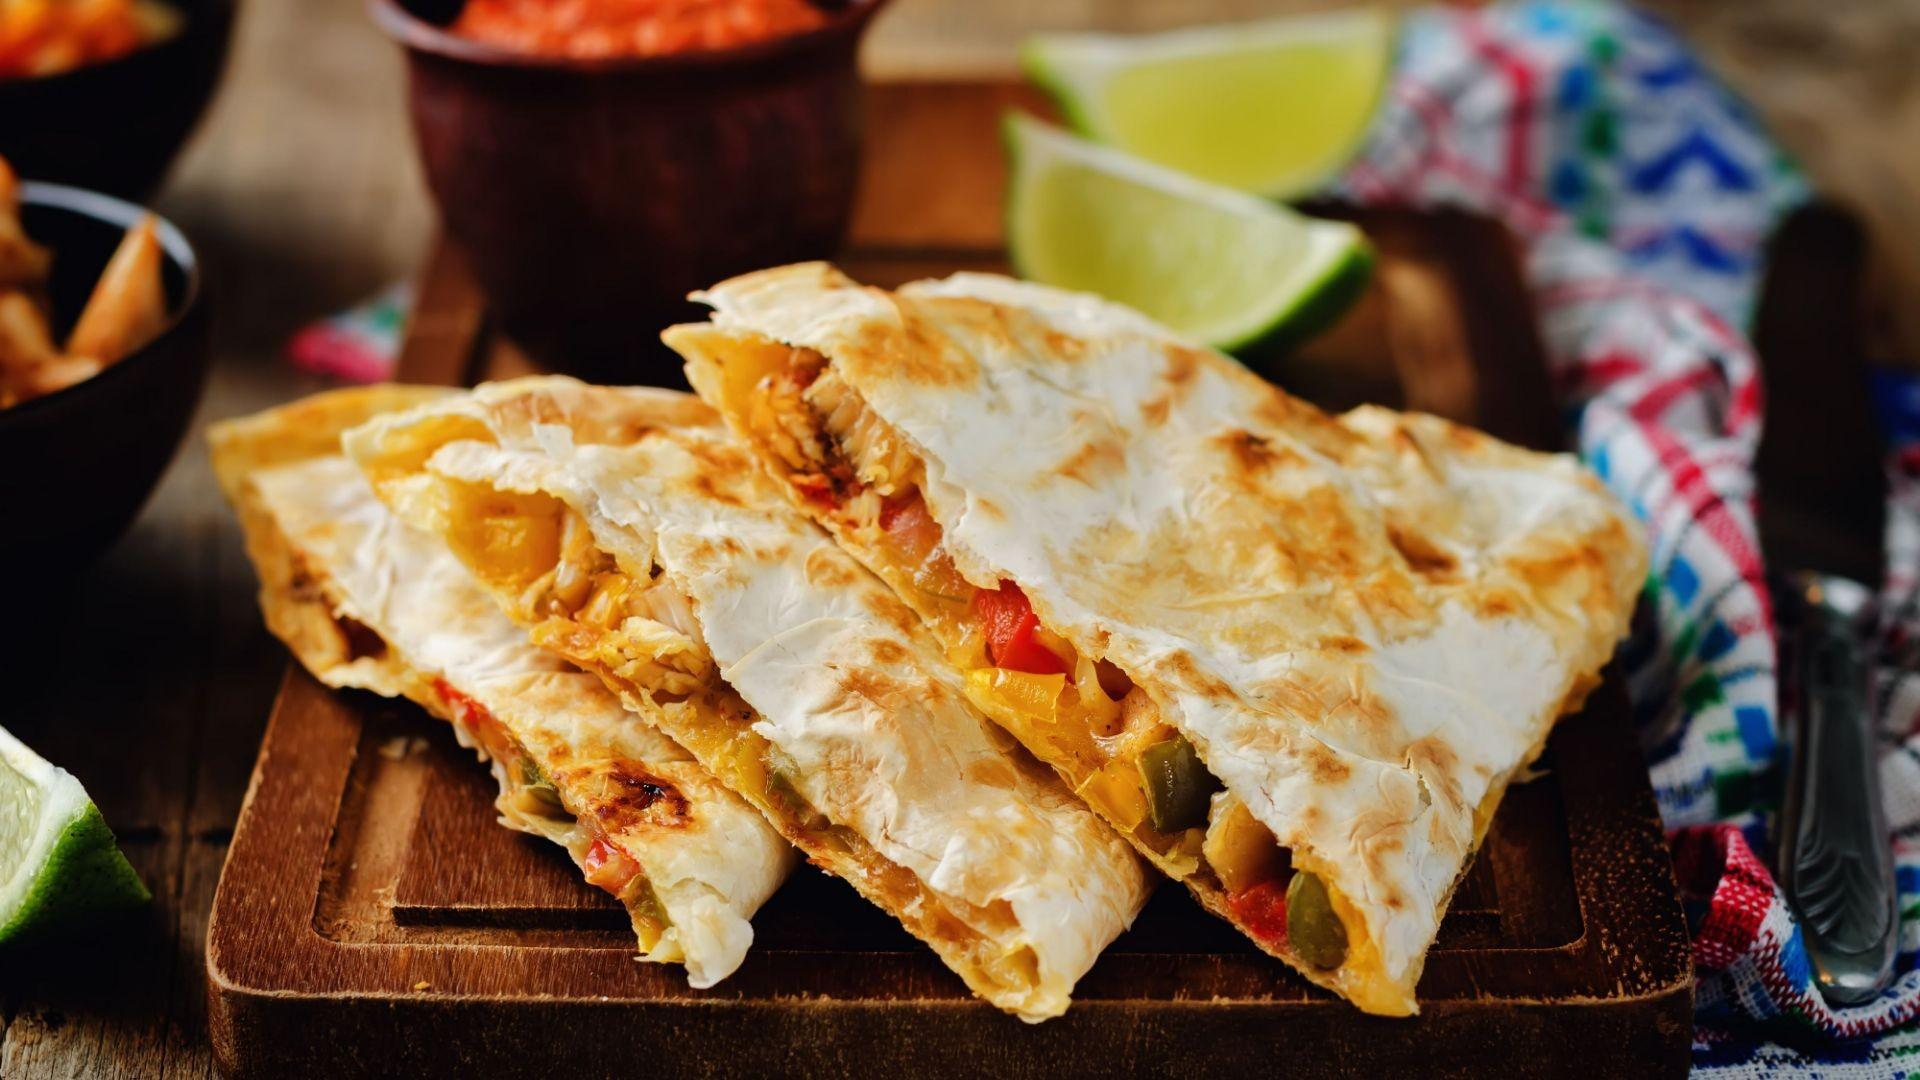 Comida mexicana en Zaragoza